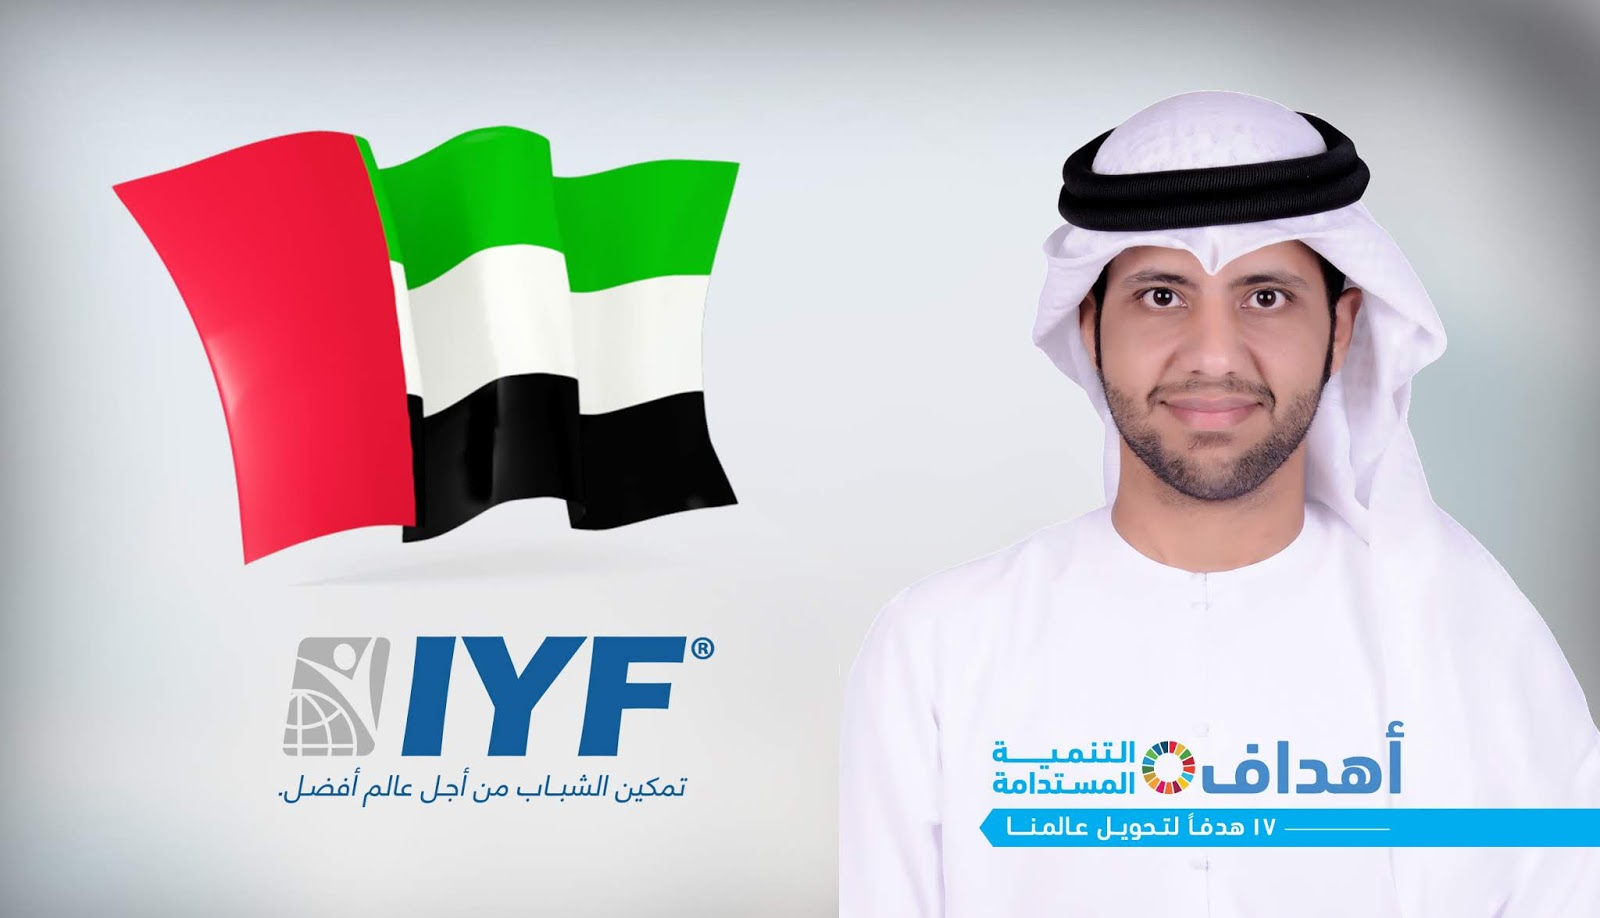 محمد الشاطري، ممثل الإتحاد الدولي للشباب في الإمارات العربية المتحدة